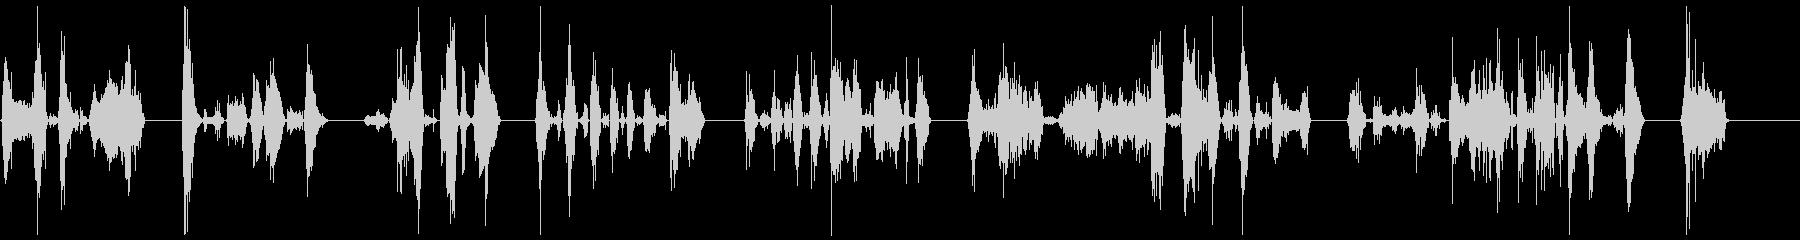 ゾンビの悪質な攻撃8-15の未再生の波形